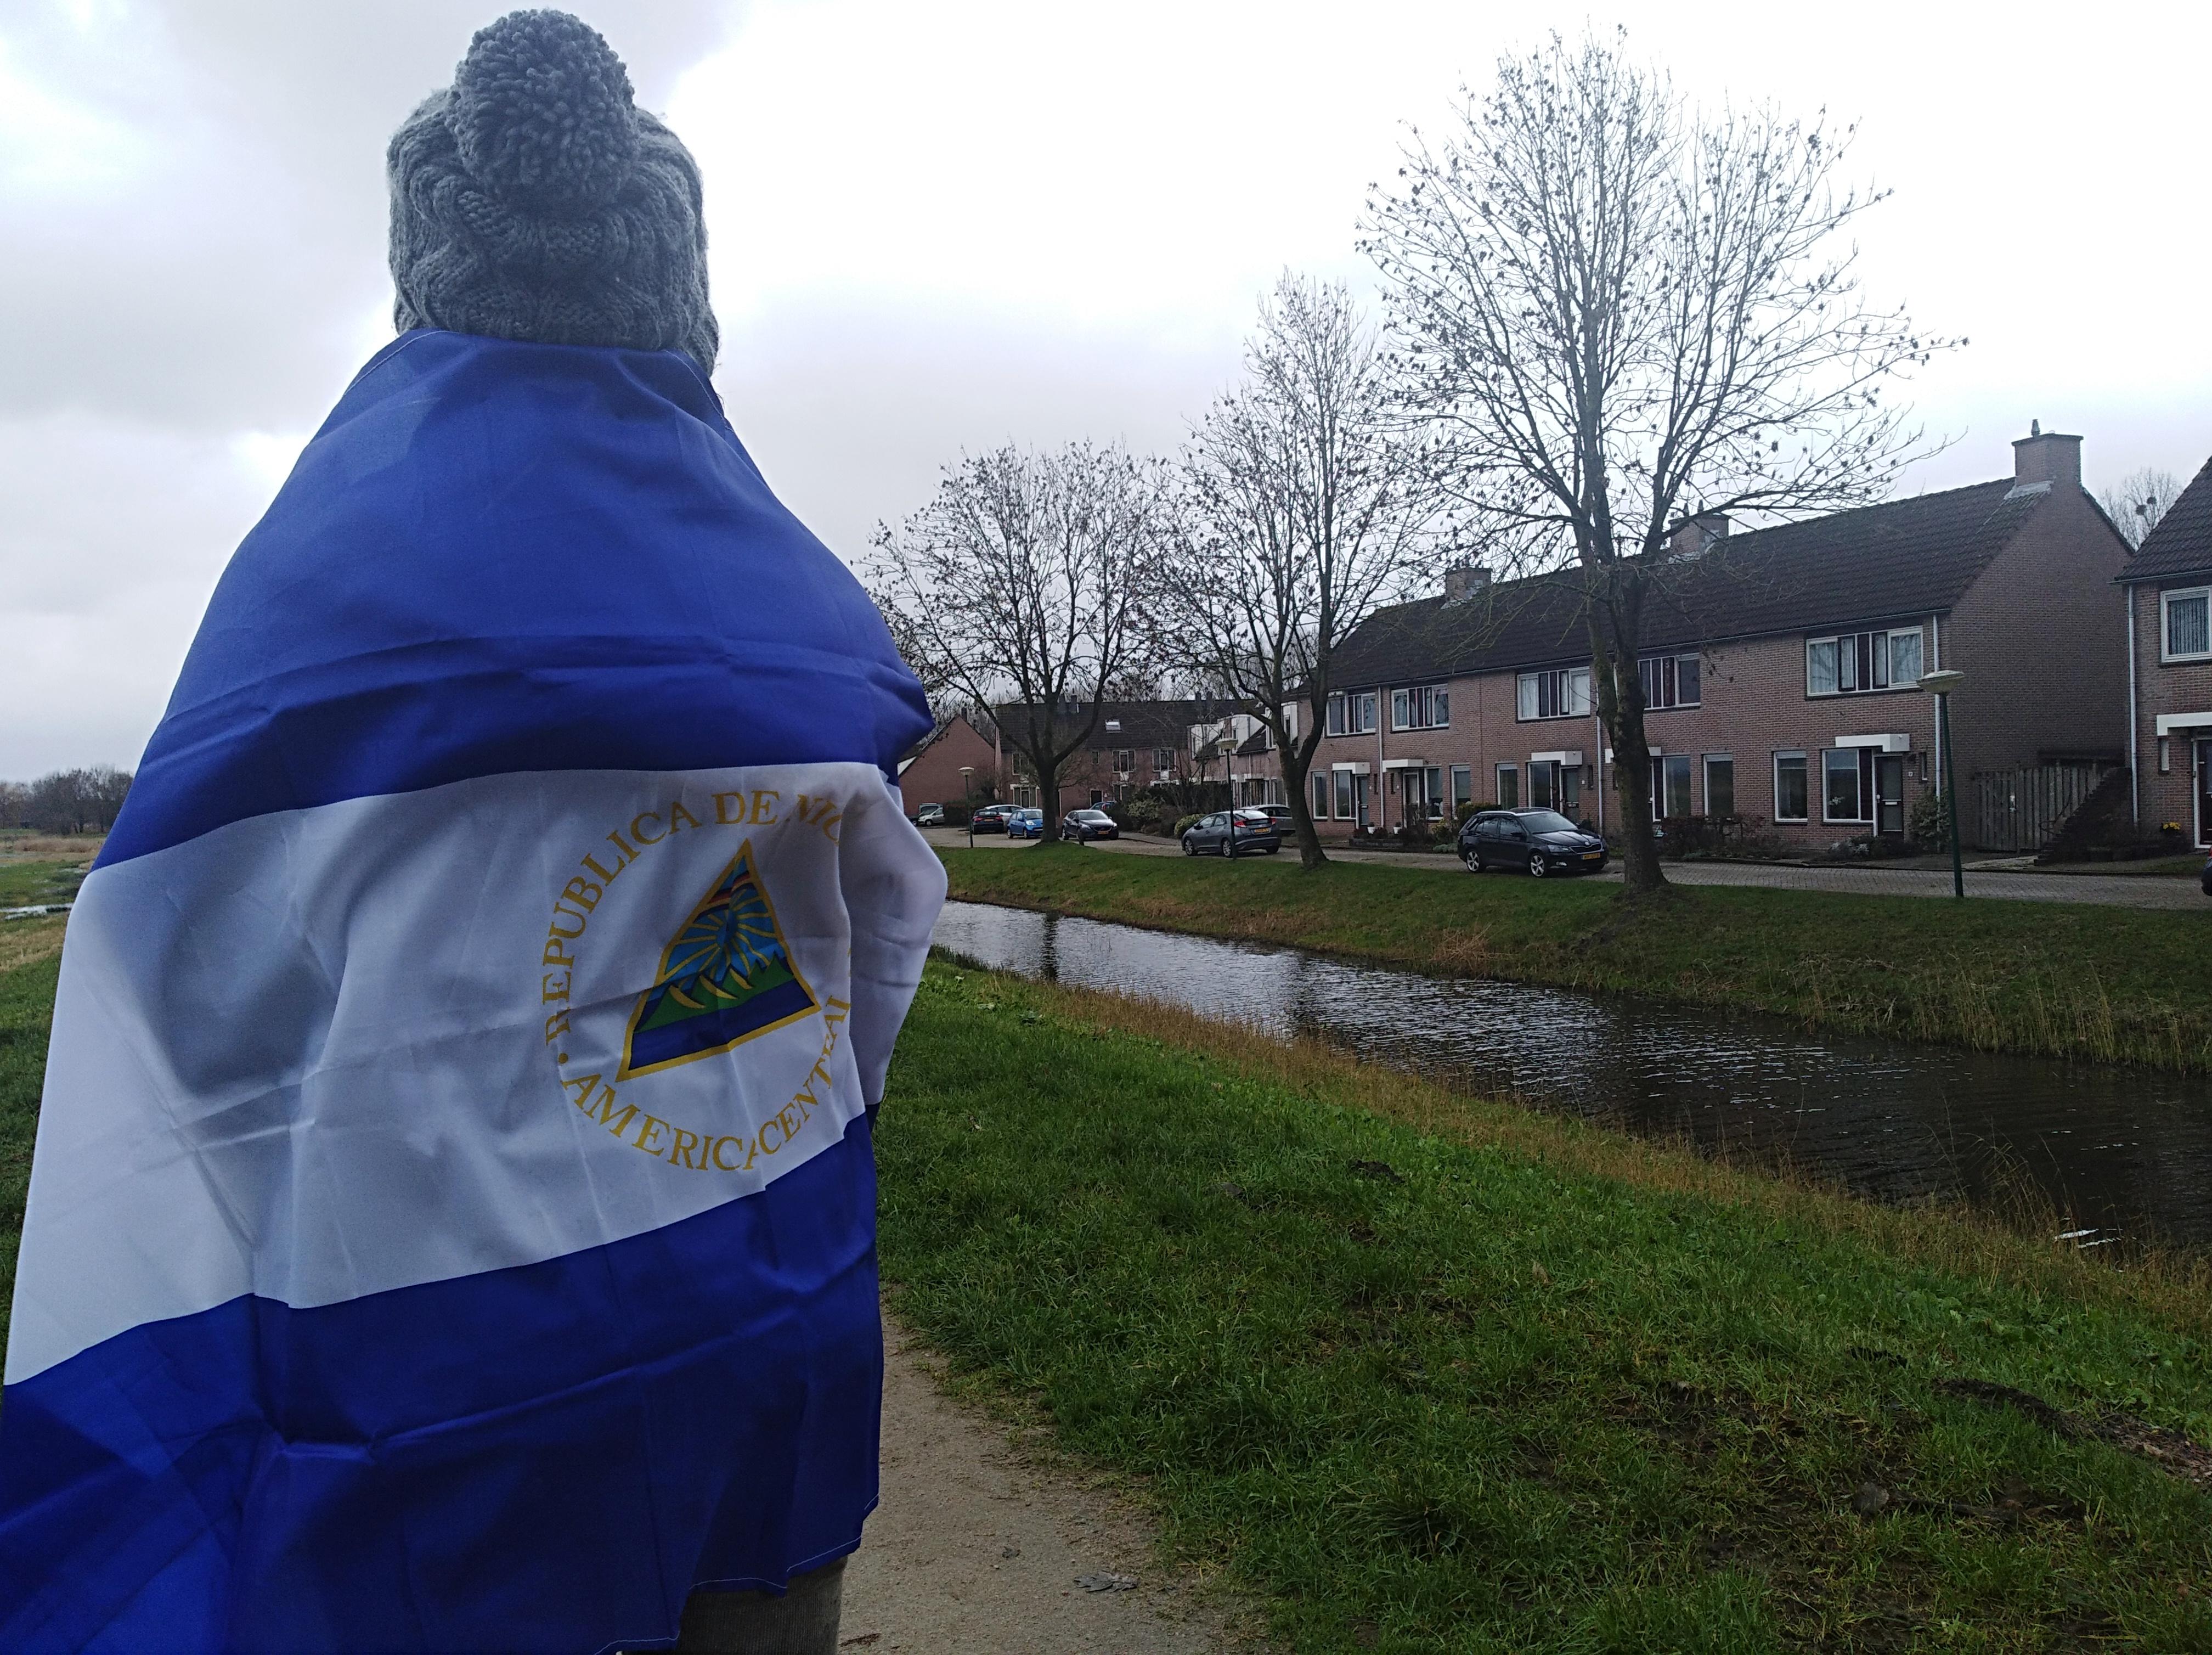 Sobreviviente de masacre orteguista en la Divina Misericordia pide asilo en Holanda. Foto: Loanny Picado/Artículo 66